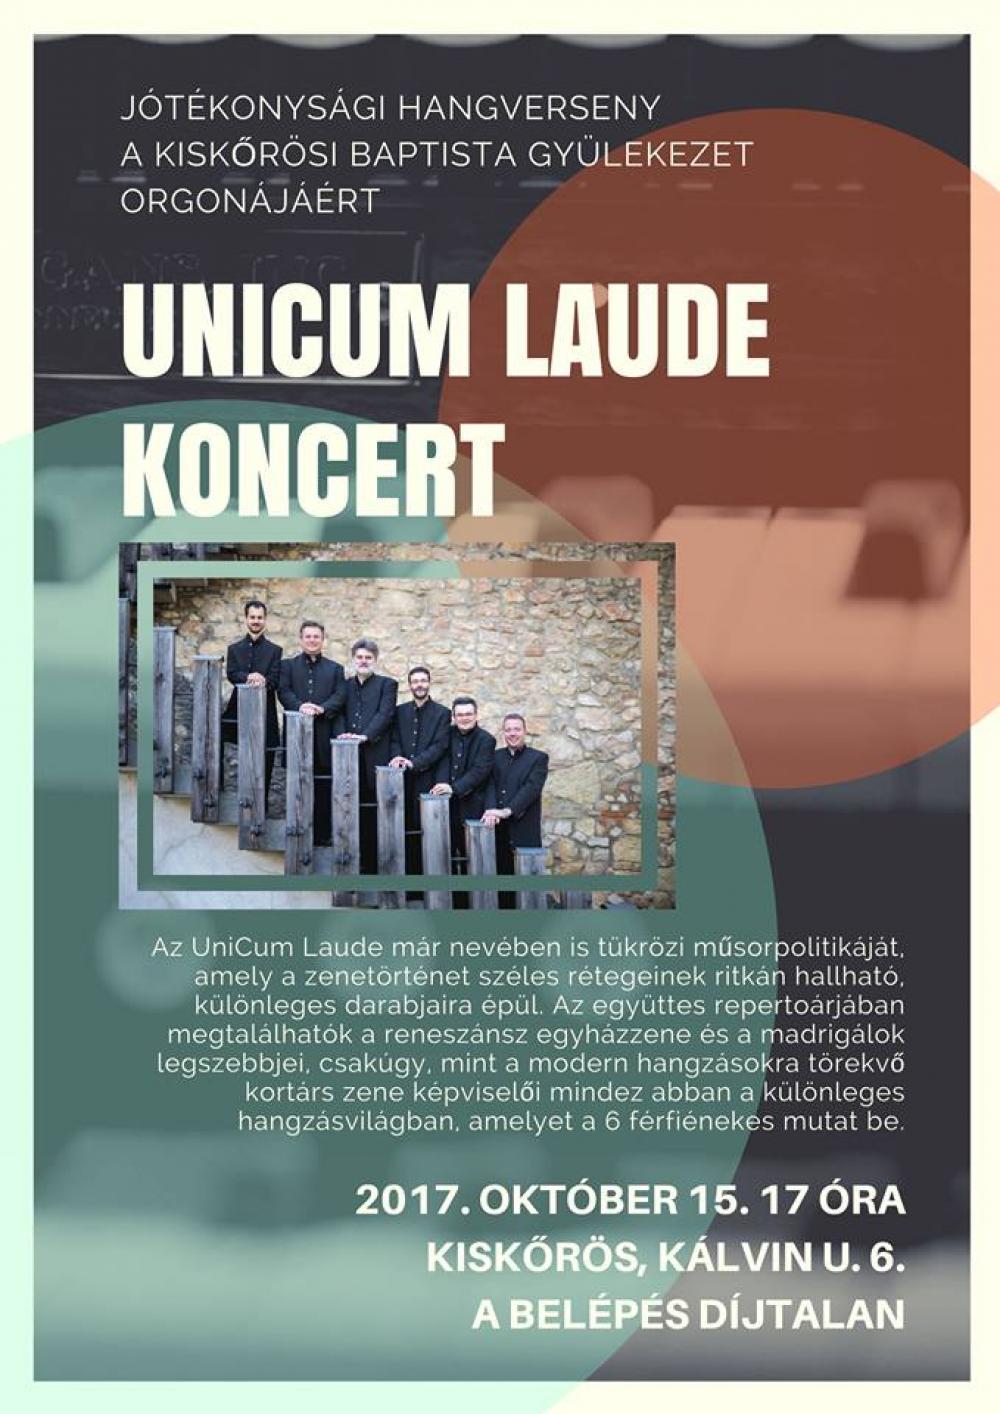 Unicum Laude koncert